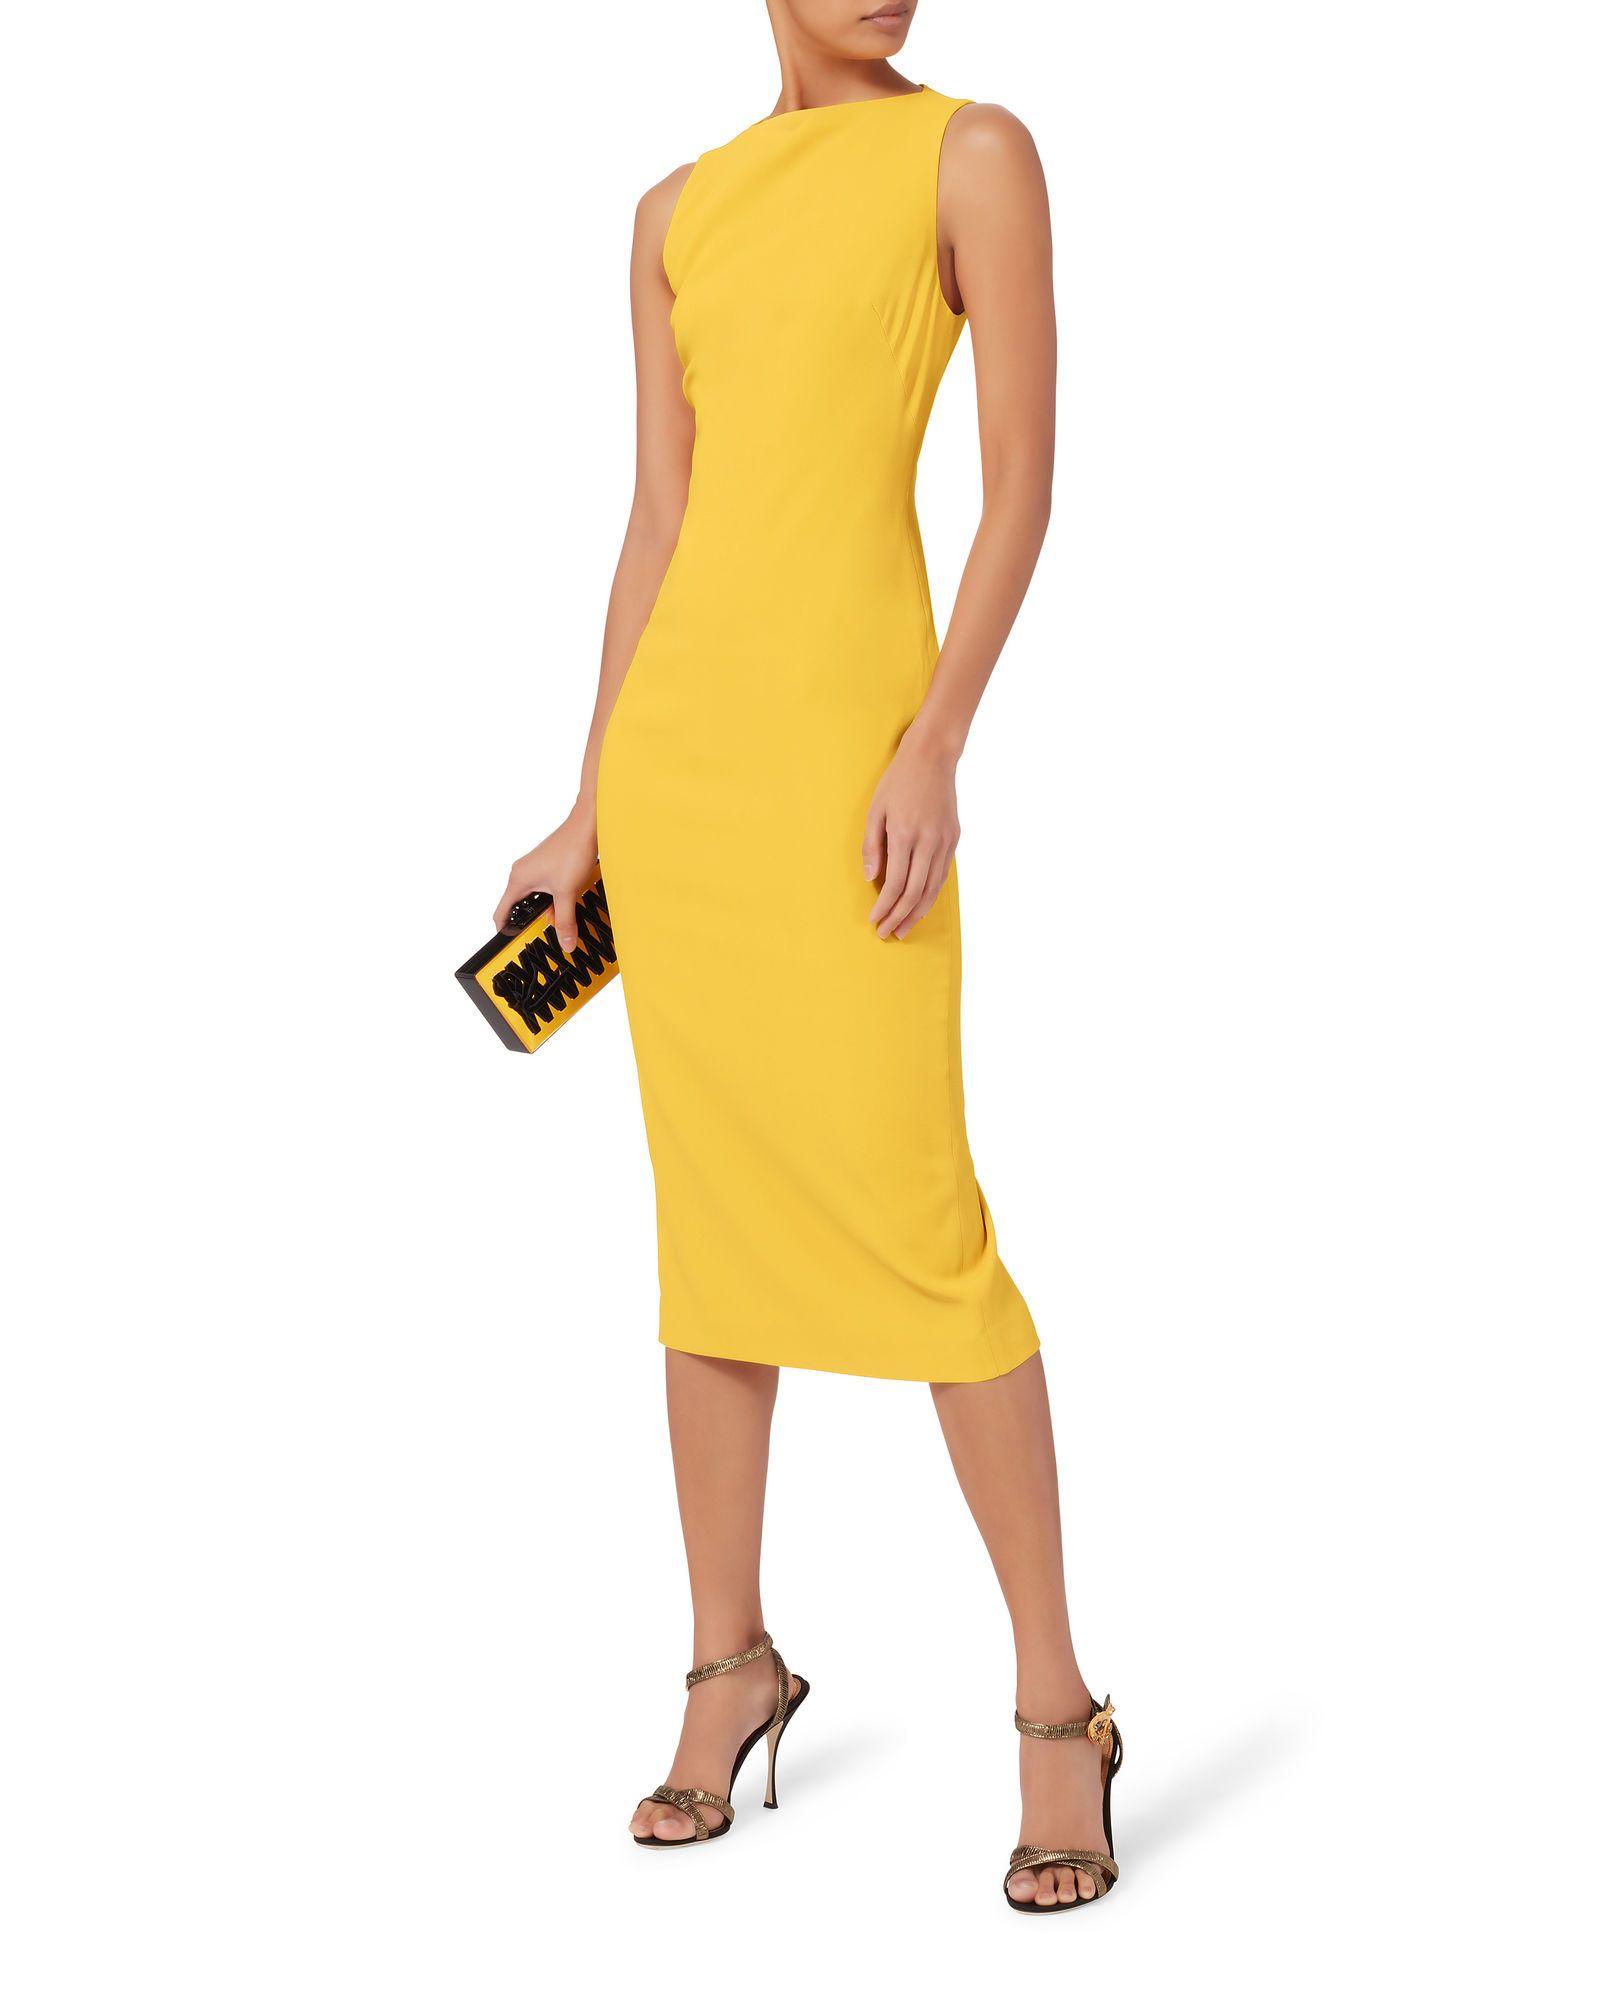 a60eb0c1fa73 Yellow Sheath Midi Dress